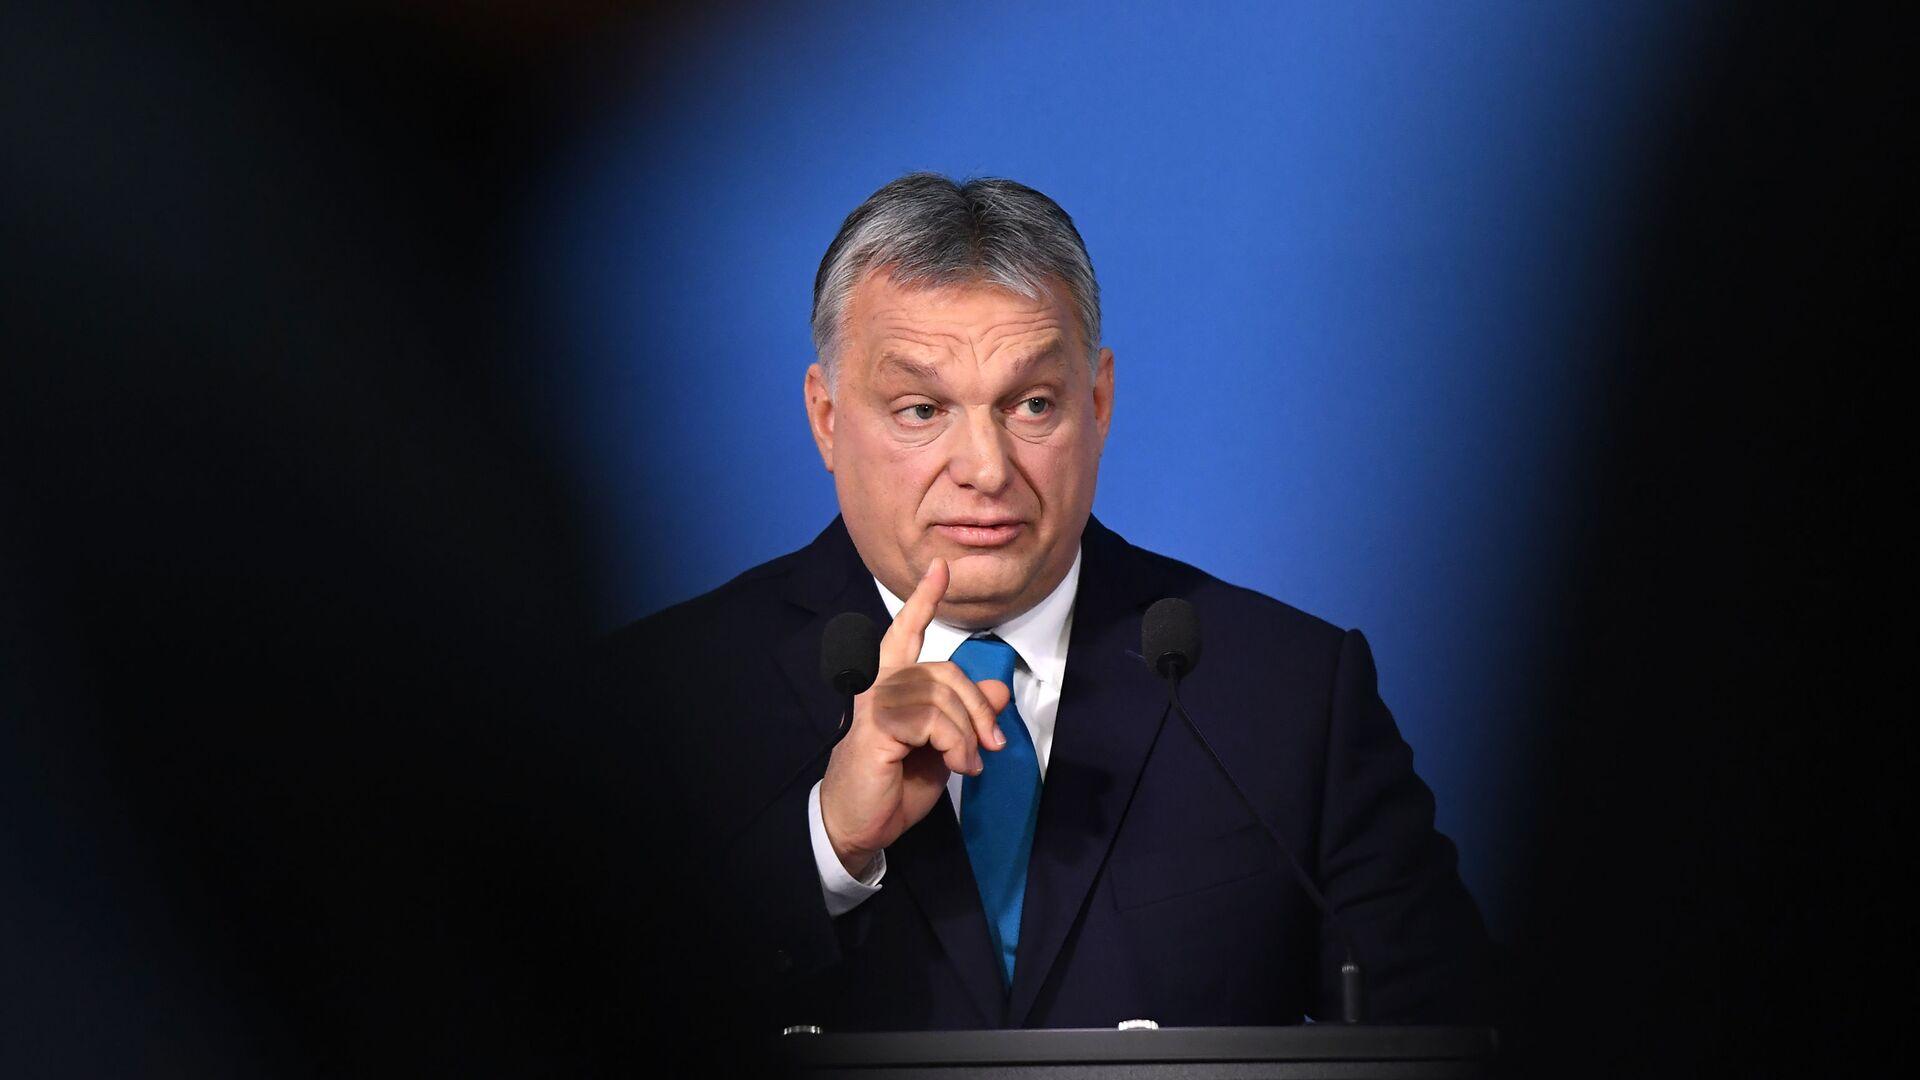 Maďarský premiér Viktor Orbán  - Sputnik Česká republika, 1920, 03.07.2021